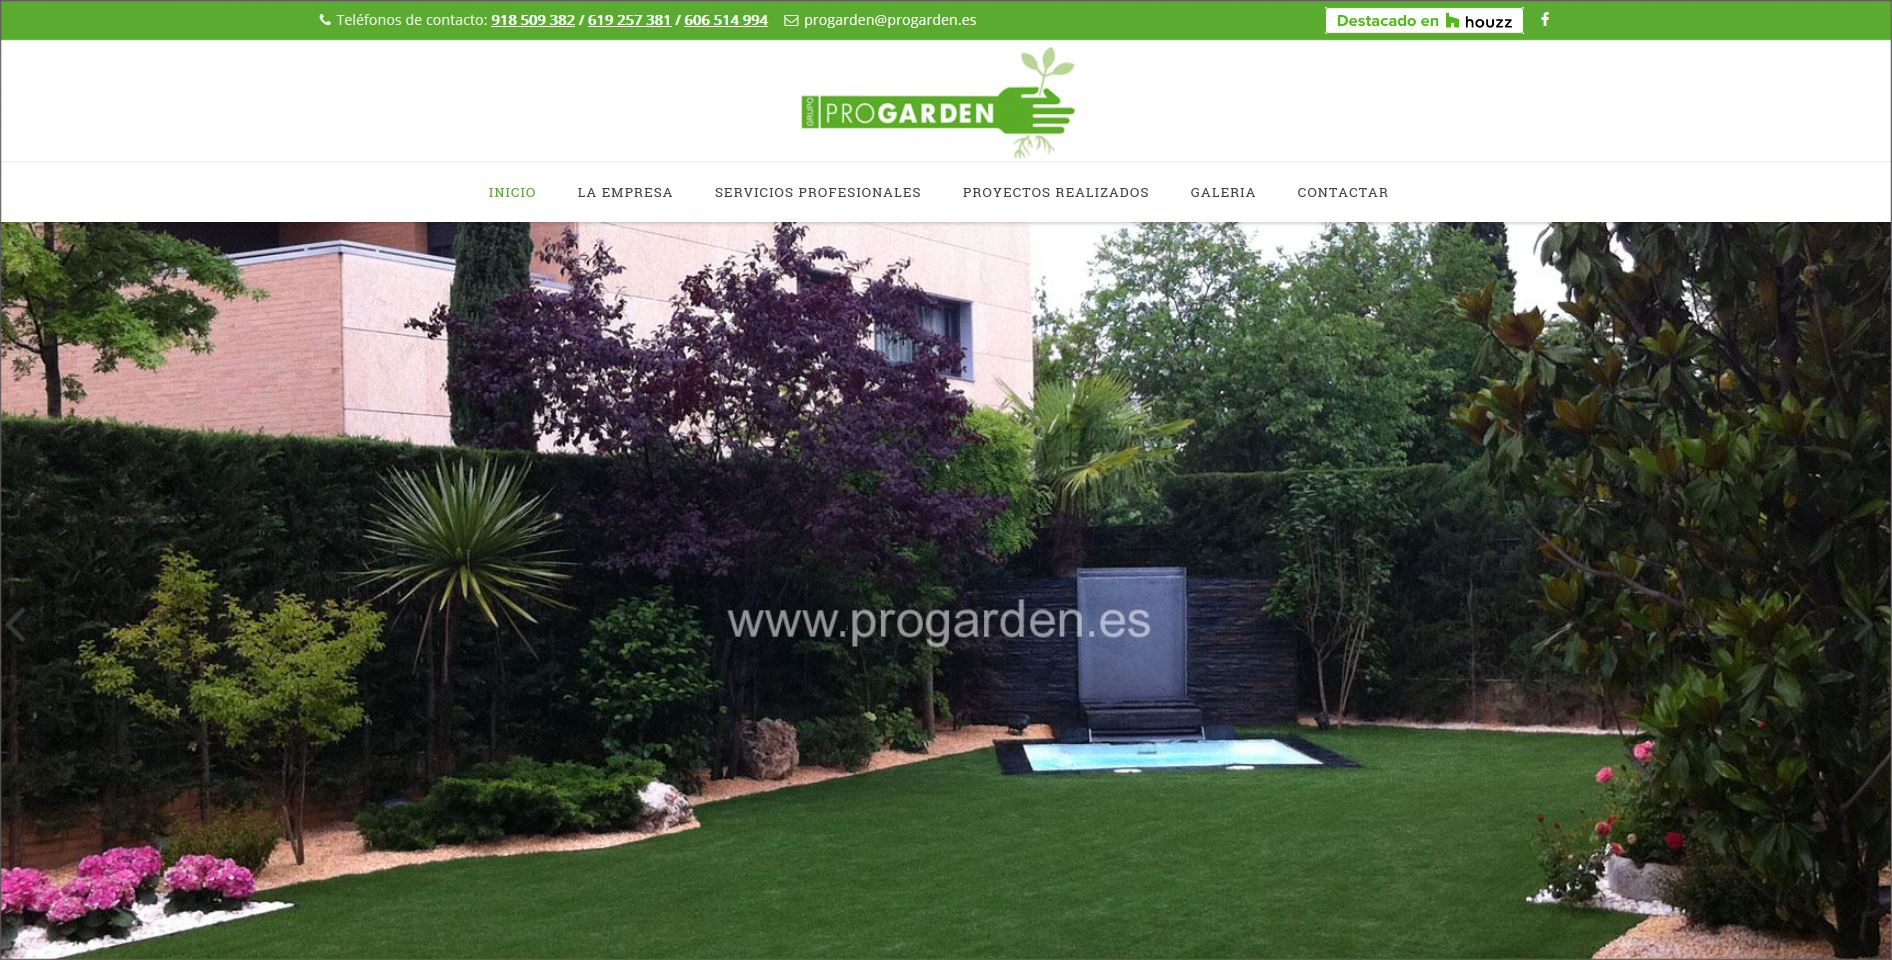 Web Progarden